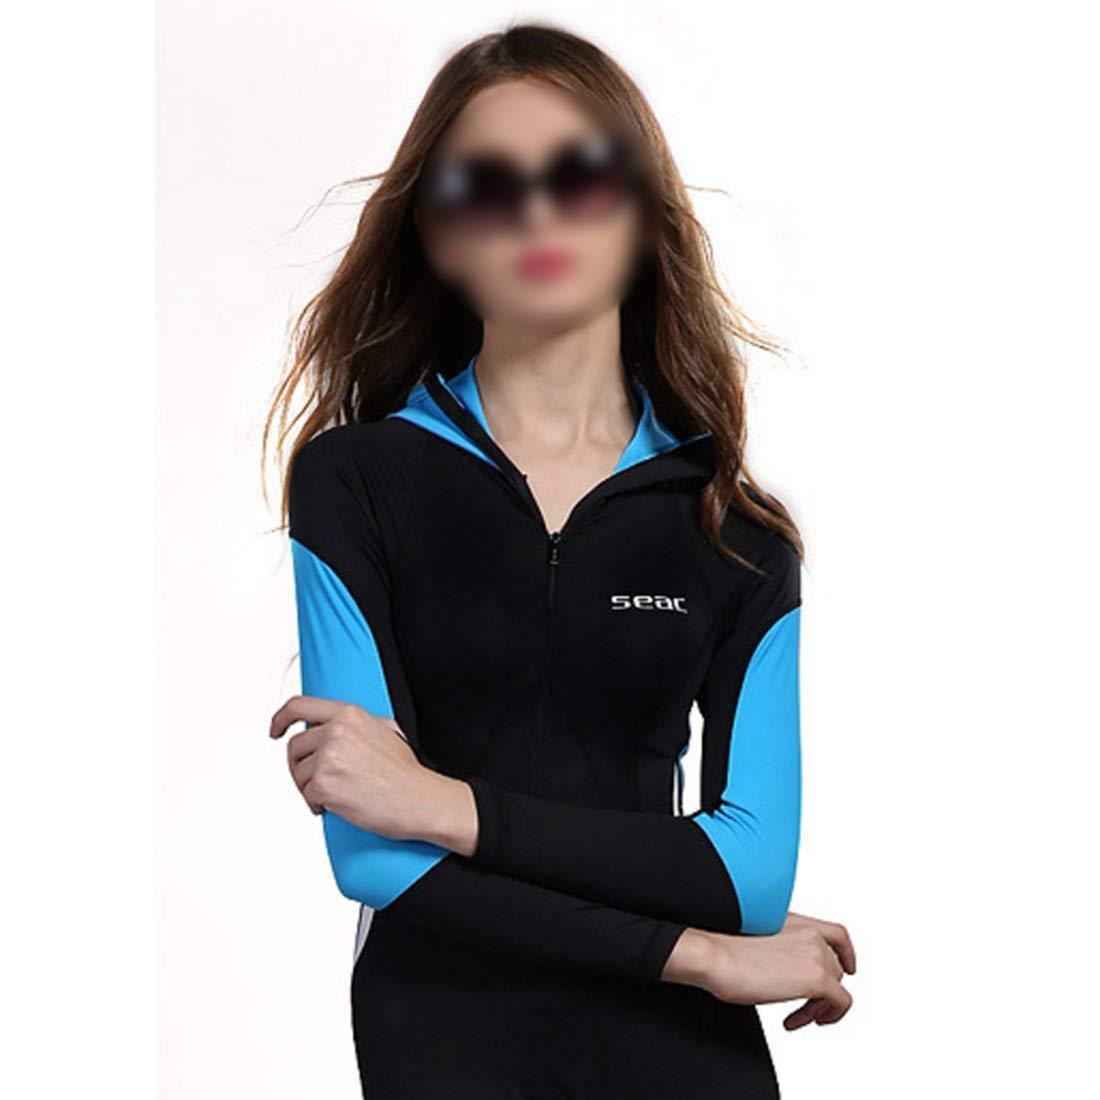 FELICIGG Wetsuit Damen Damen Damen weibliche U-Stiefel-Kleidung Sonnencreme Kleidung Wärmedämmung verknüpften Design Langarm-Hut B07PK2LXQT Neoprenanzüge Ausgezeichnet 82bf9e